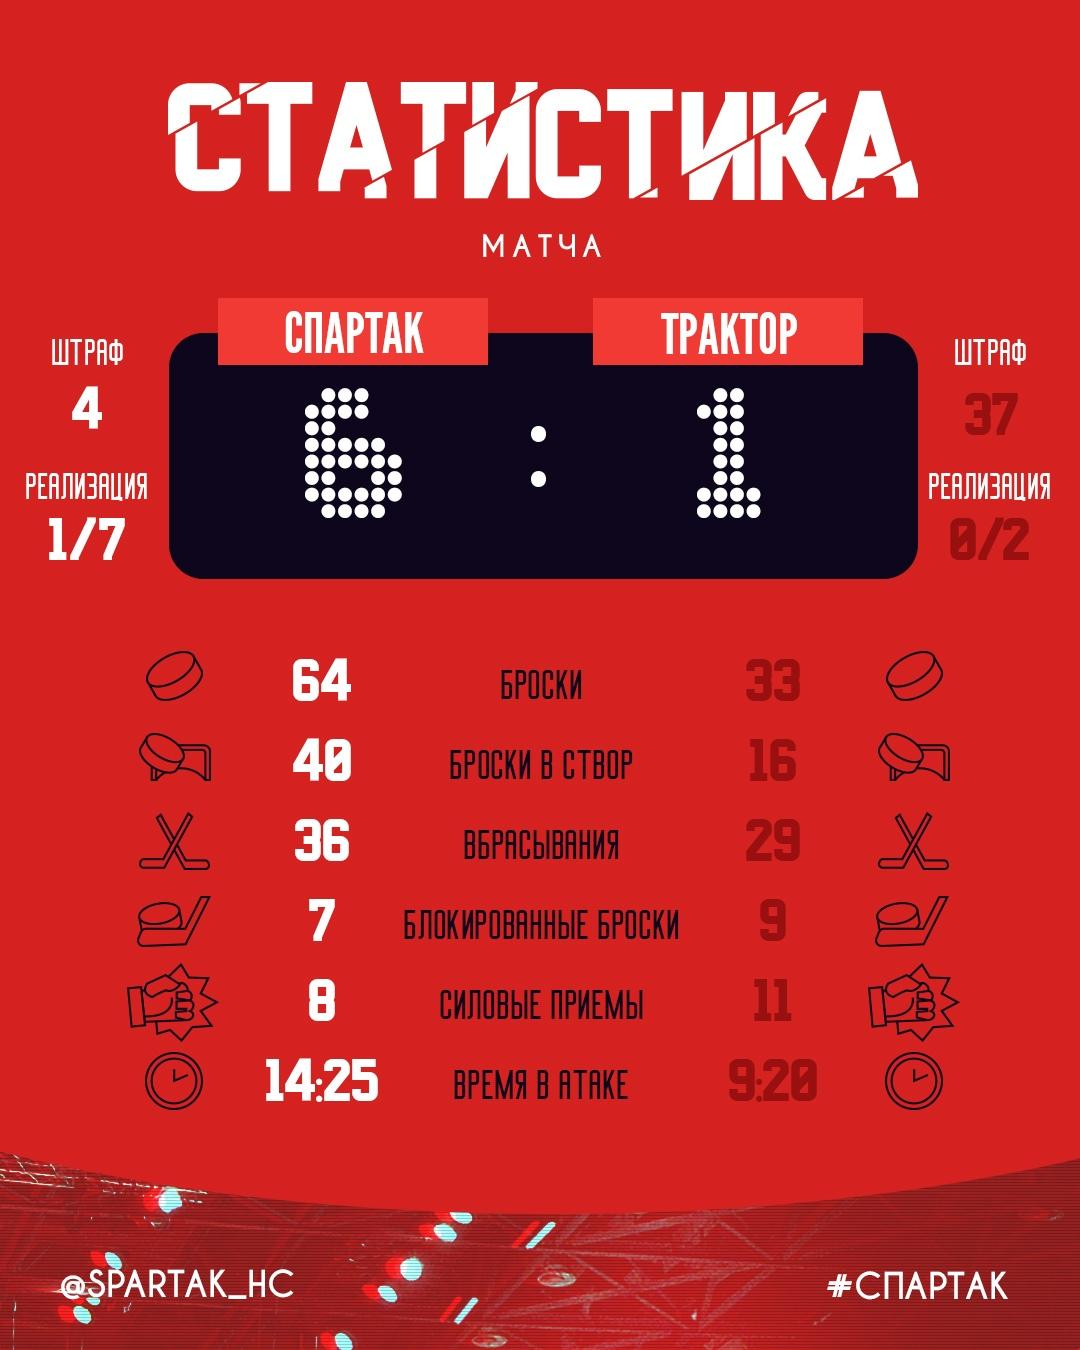 Статистика матча «Спартак» - «Трактор» 6:1